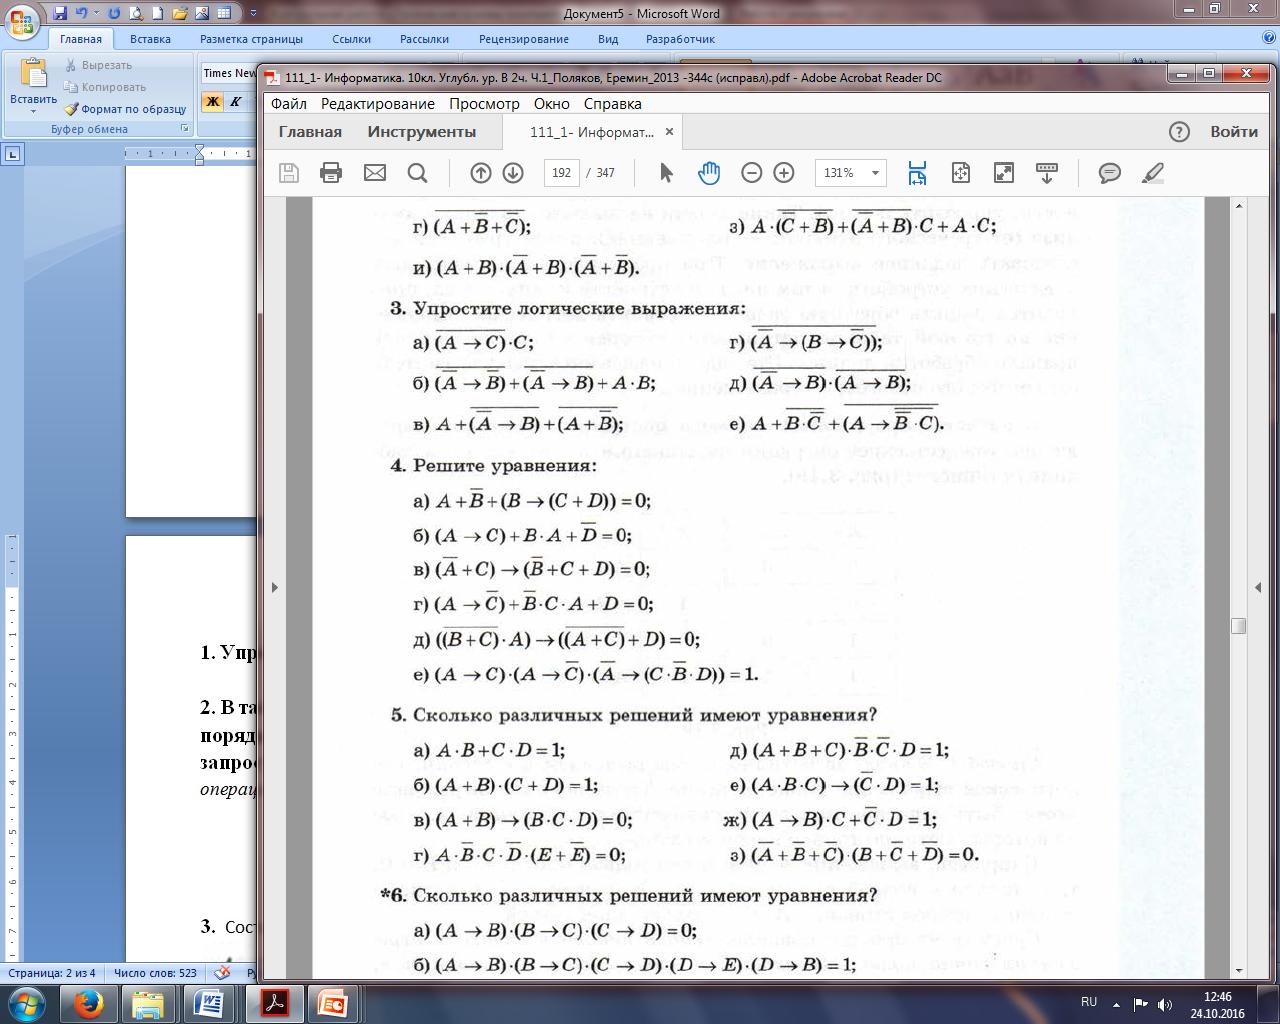 Контрольная работа по теме Логические основы компьютера hello html mfc950e8 png